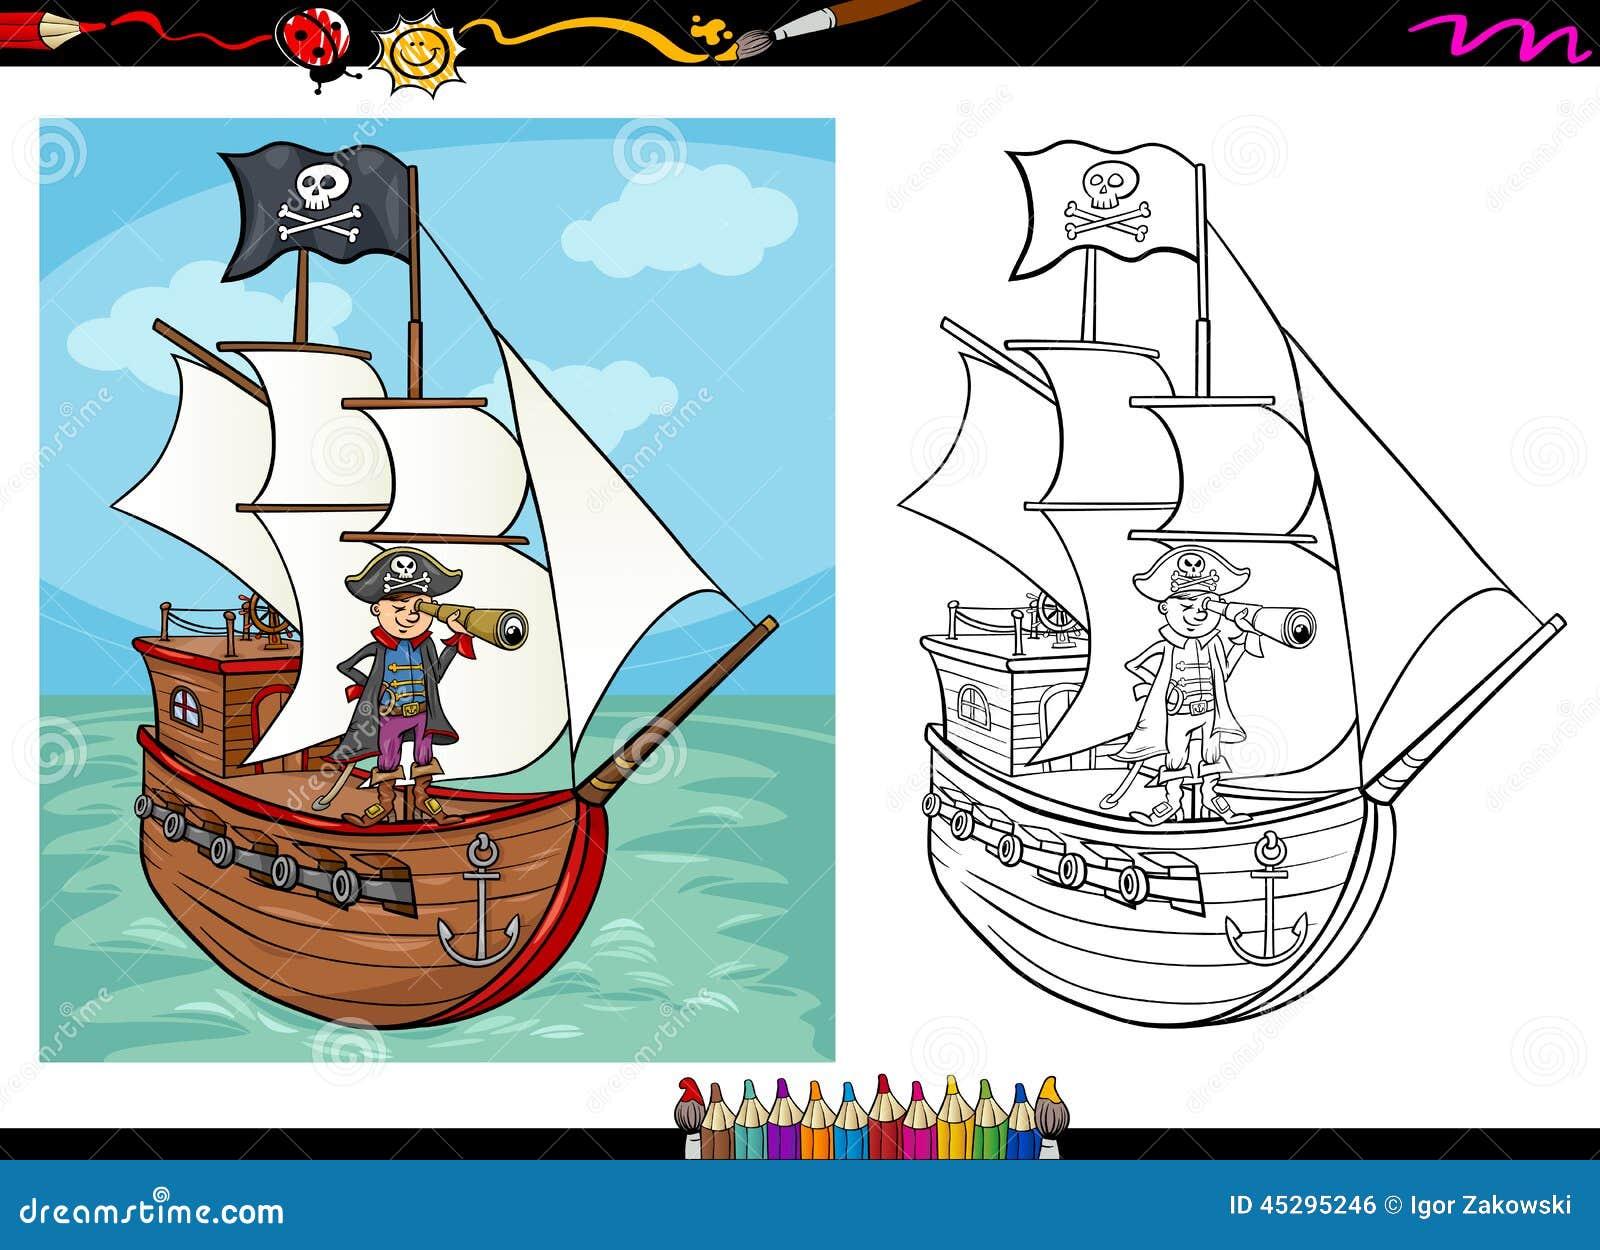 Pirate Sur Livre De Coloriage De Bande Dessinee De Bateau